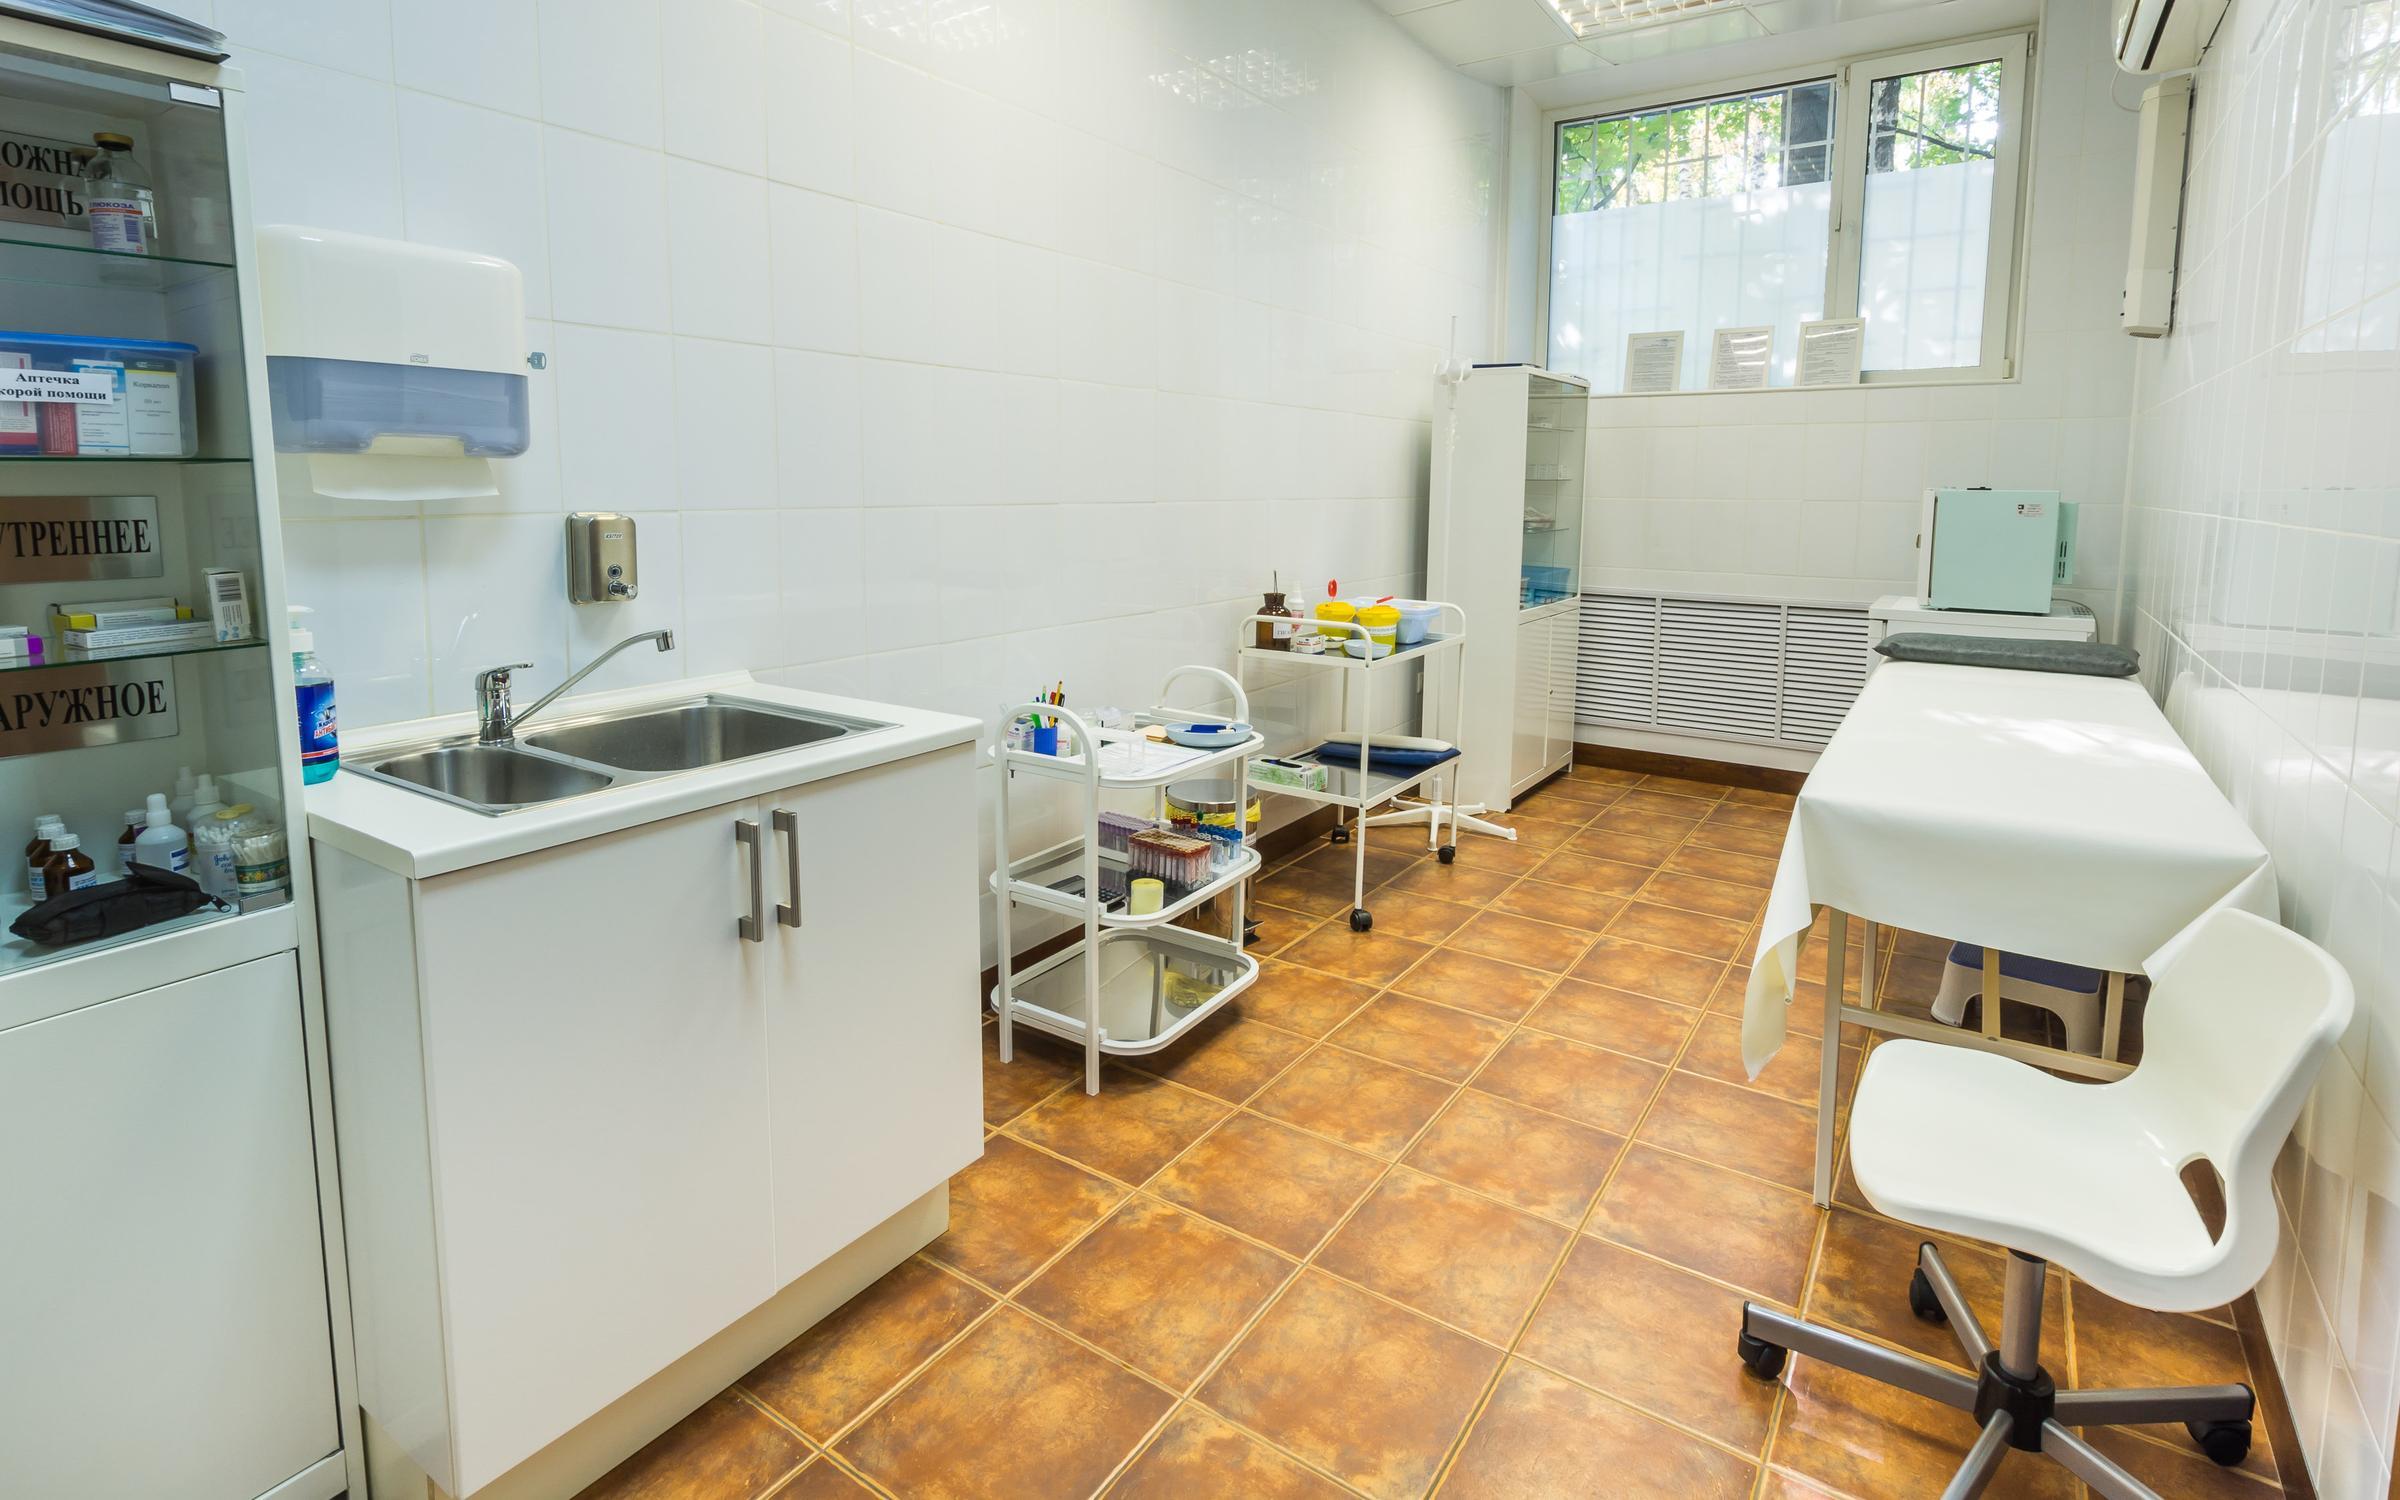 Центр лечения позвоночника и суставов в Люберцах Люберцы отзывы контакты услуги